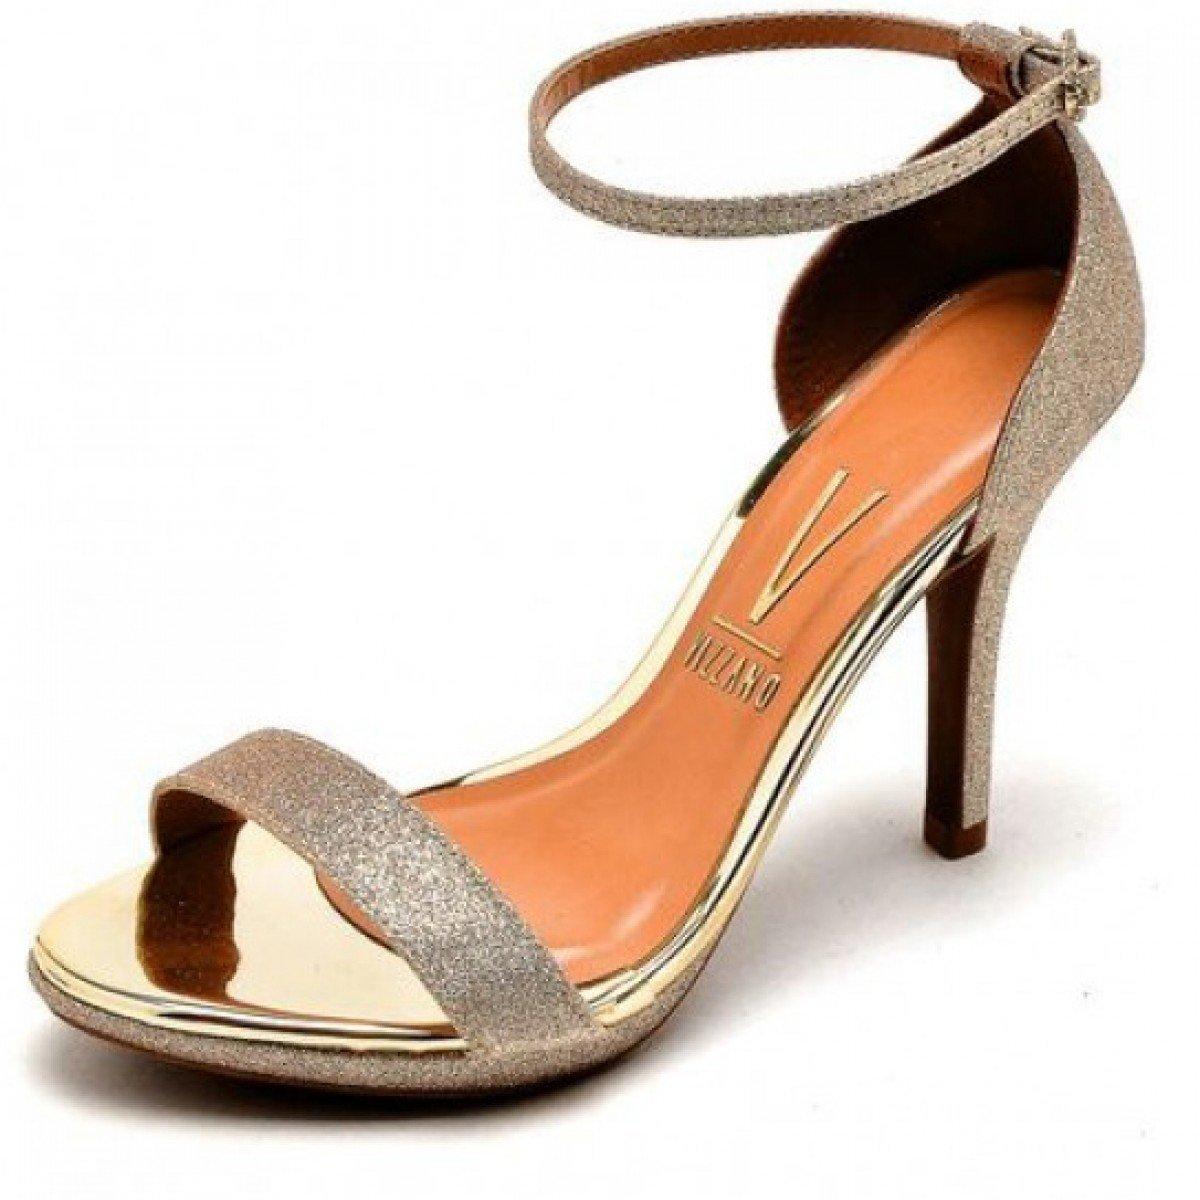 fc039206a4d Sandália Feminina Vizzano Gliter MIni Shine Dourado - Compre Agora ...